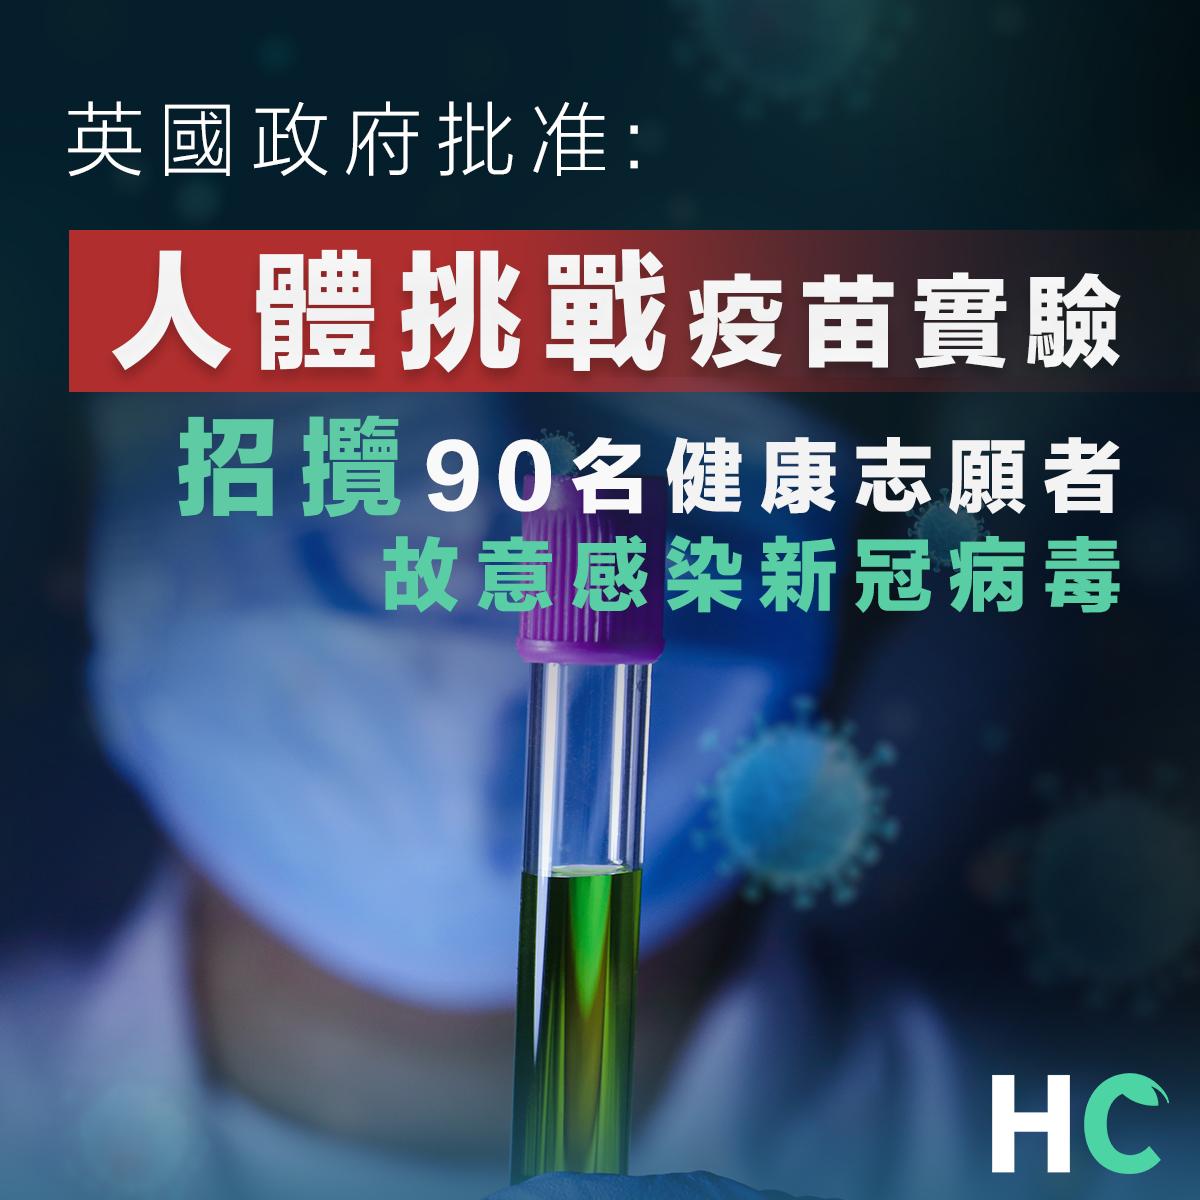 英國將展開「人體挑戰」疫苗實驗  招攬90名健康志願者故意感染病毒